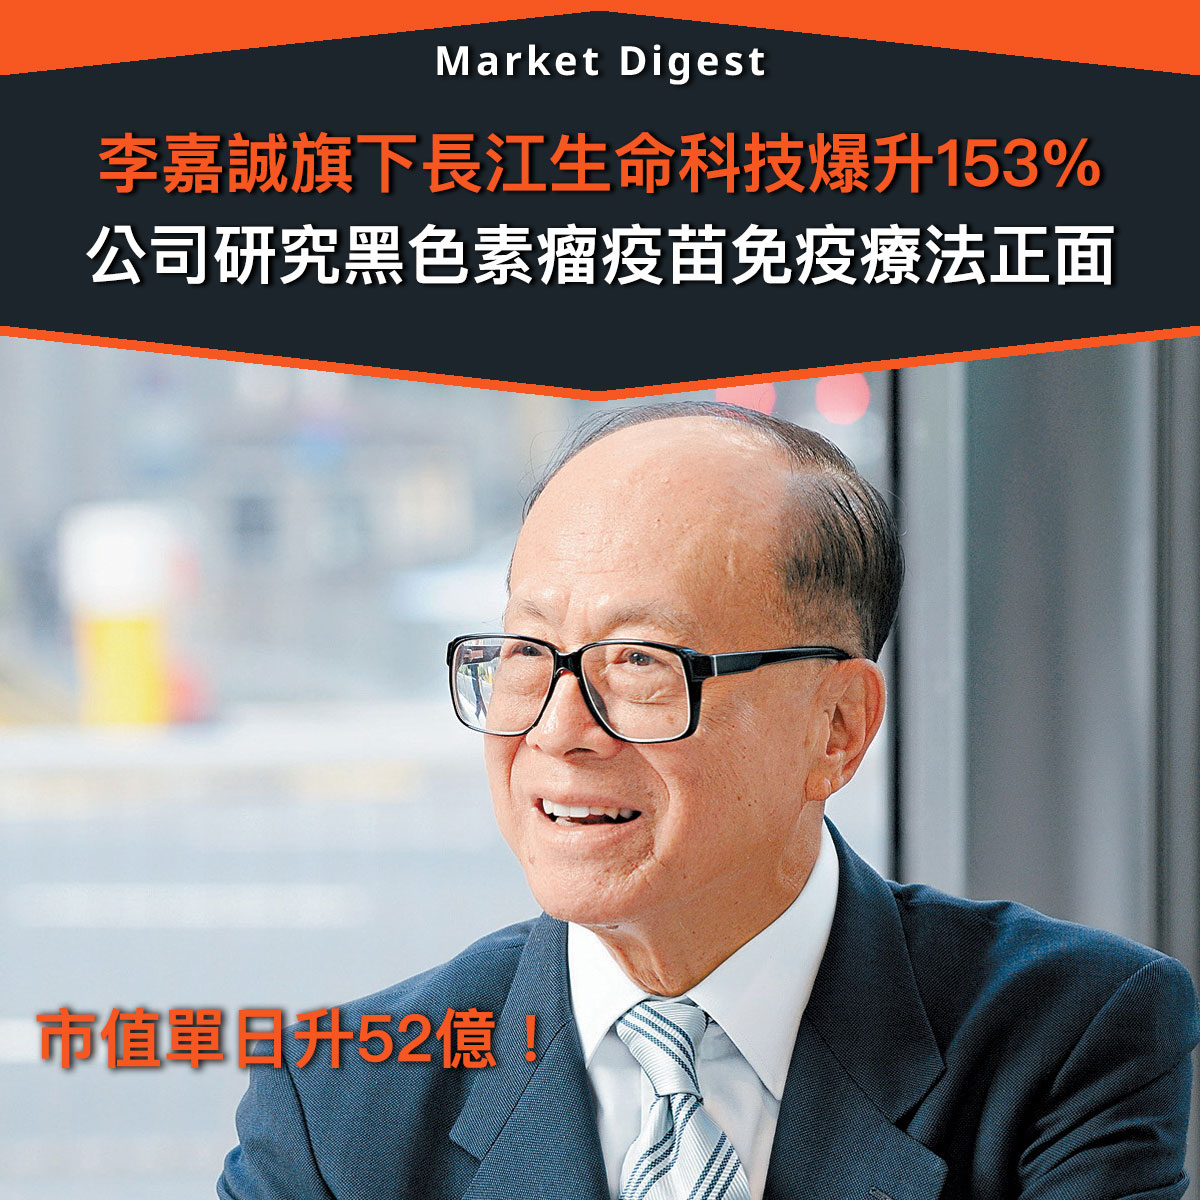 【市場熱話】李嘉誠旗下長江生命科技爆升153%,長和系在生物製藥上也取得突破!